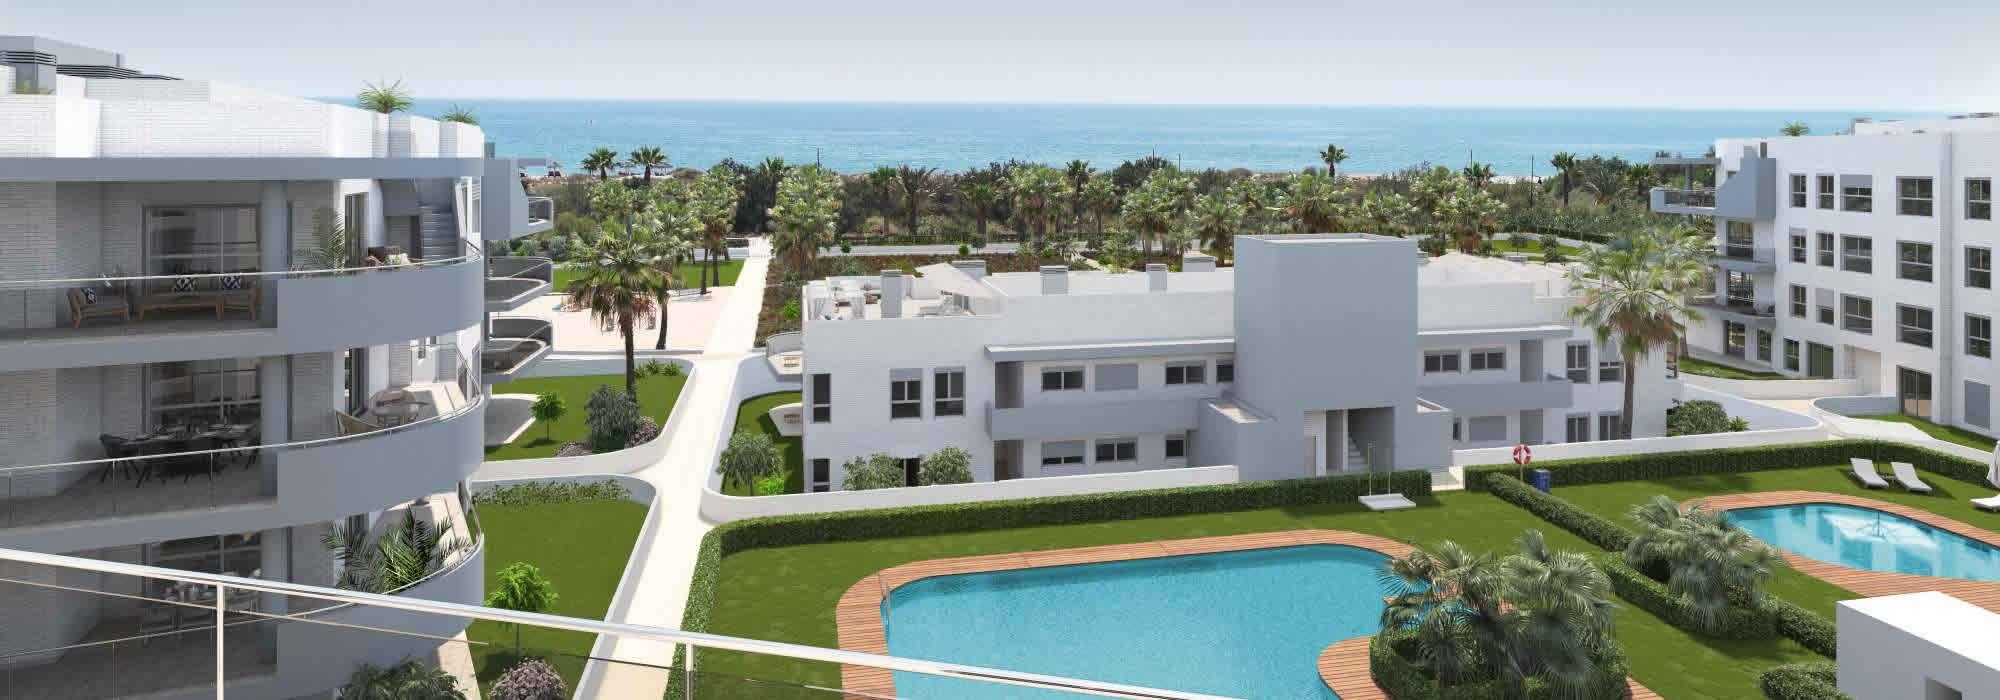 Un residencial nuevo de alta calidad en Almerimar